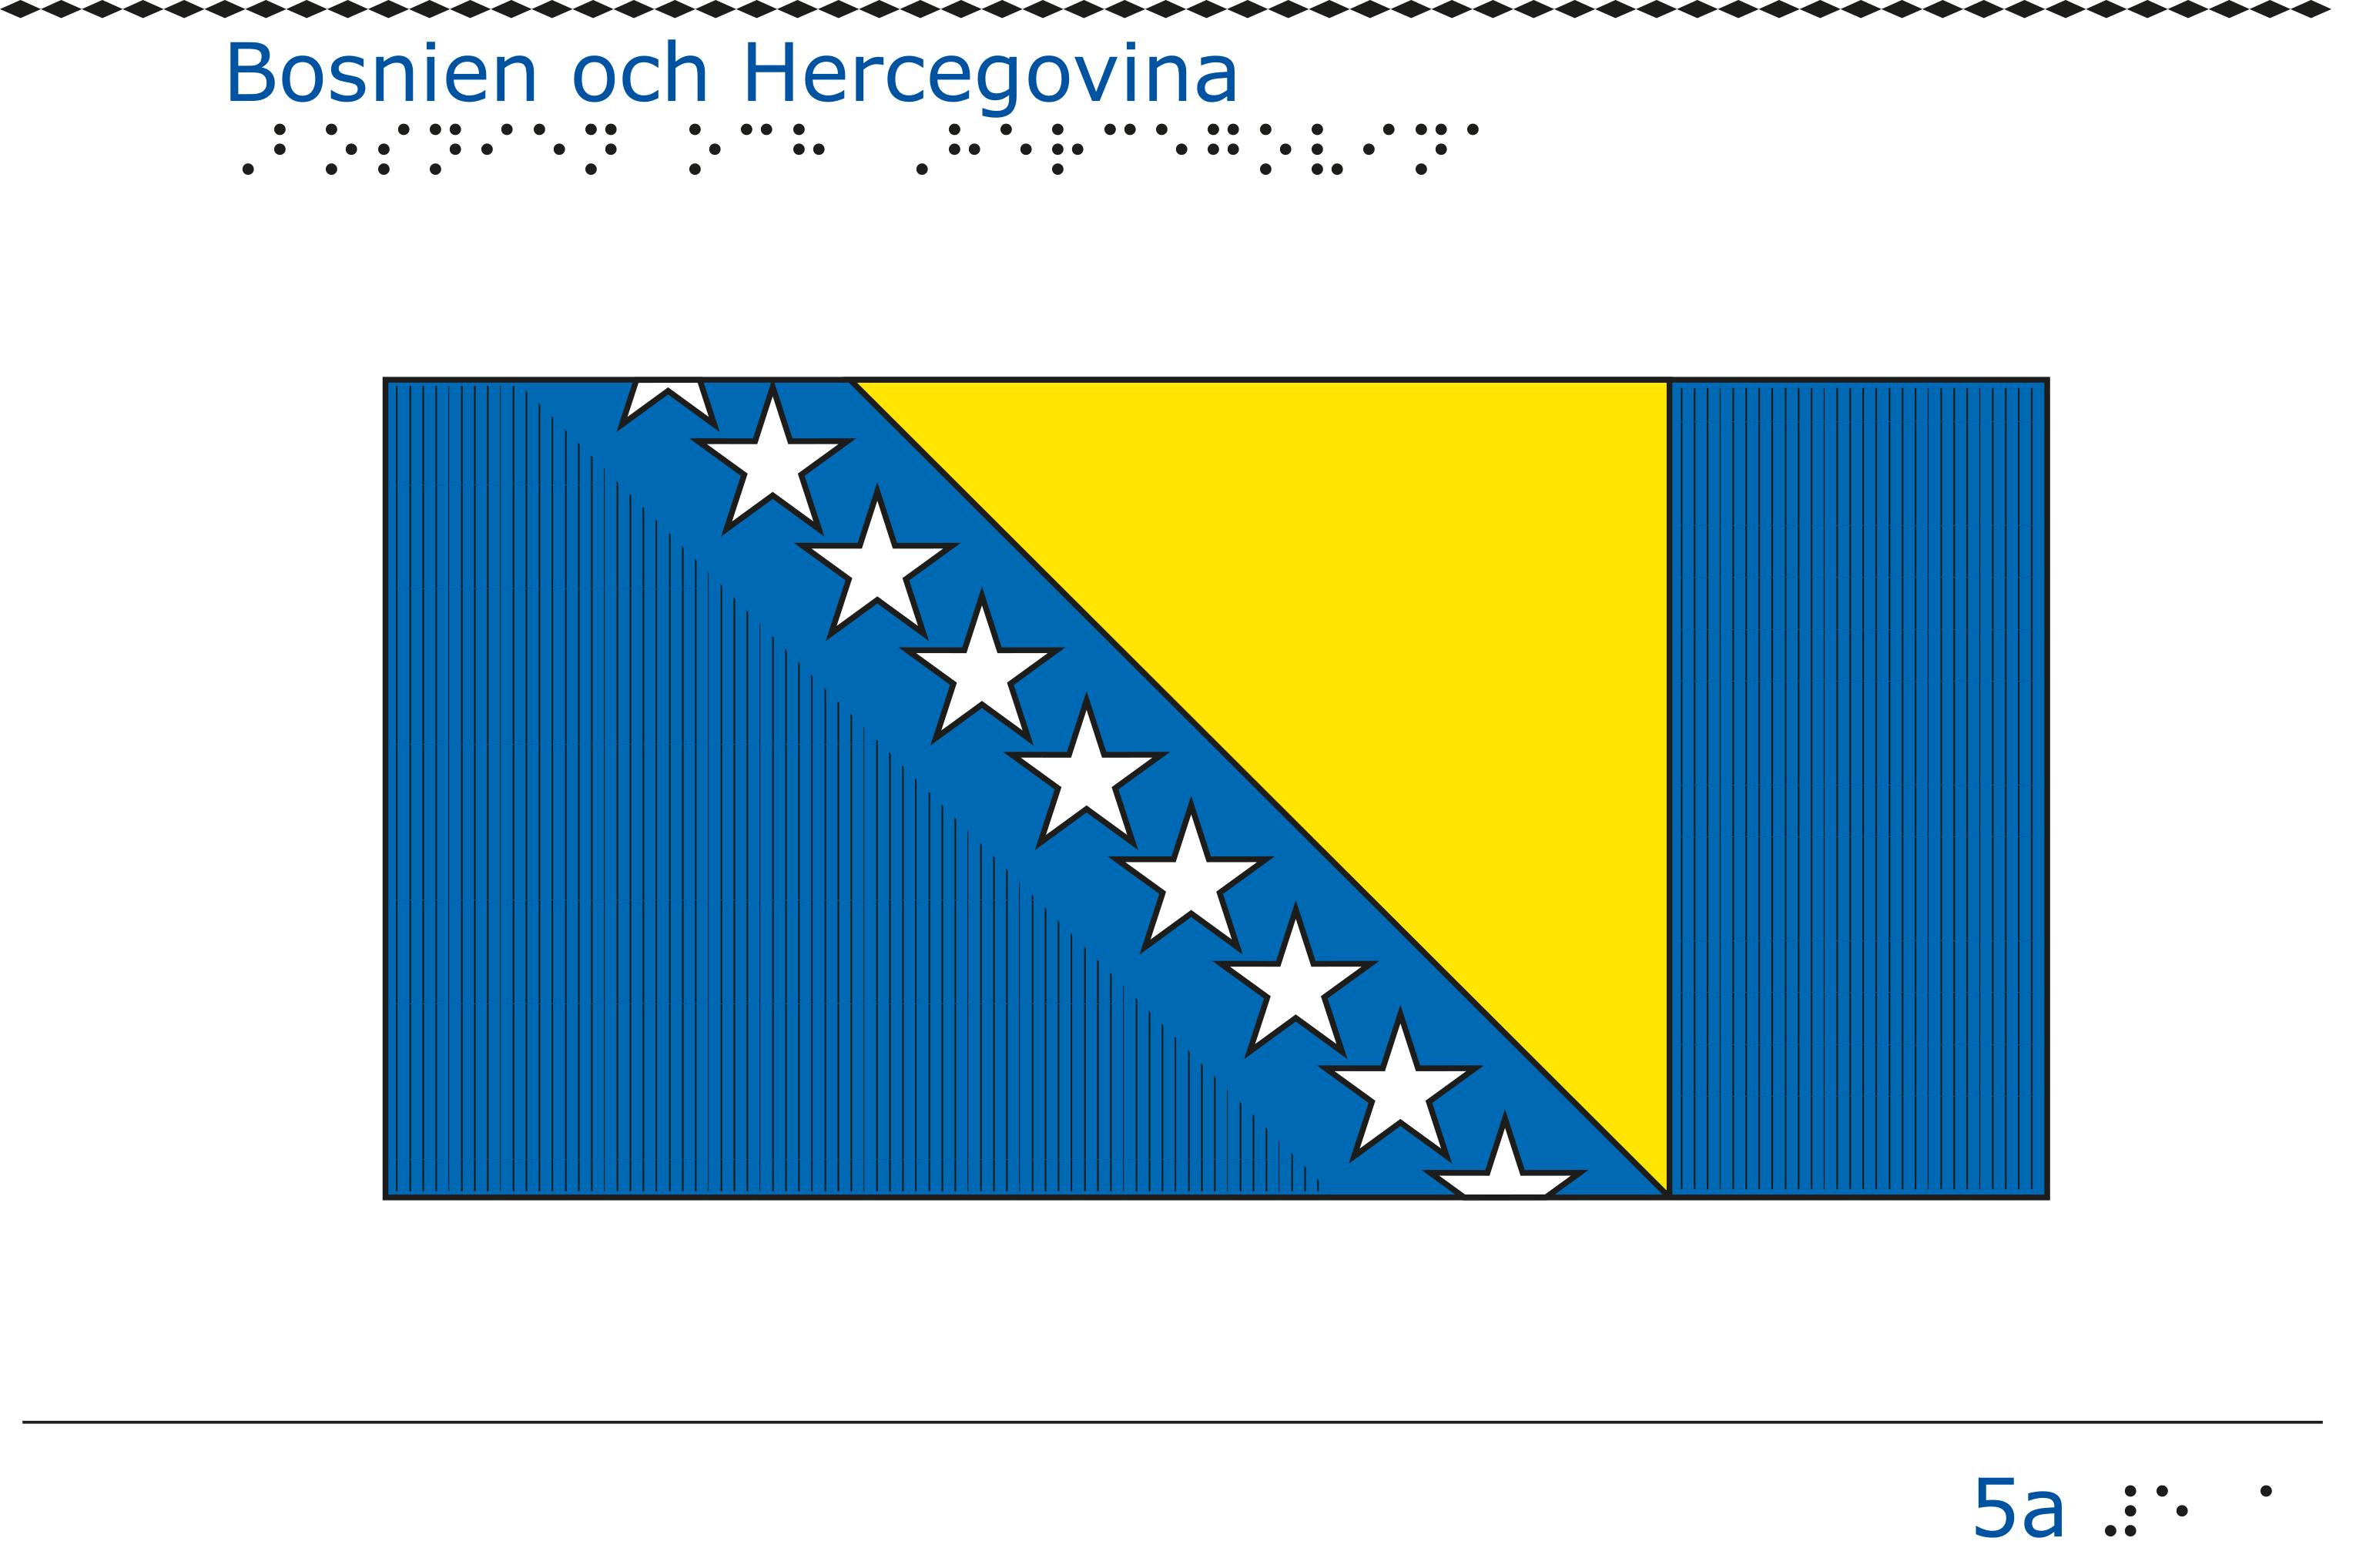 Taktil bild - Bosnien Hercegovinas flagga.